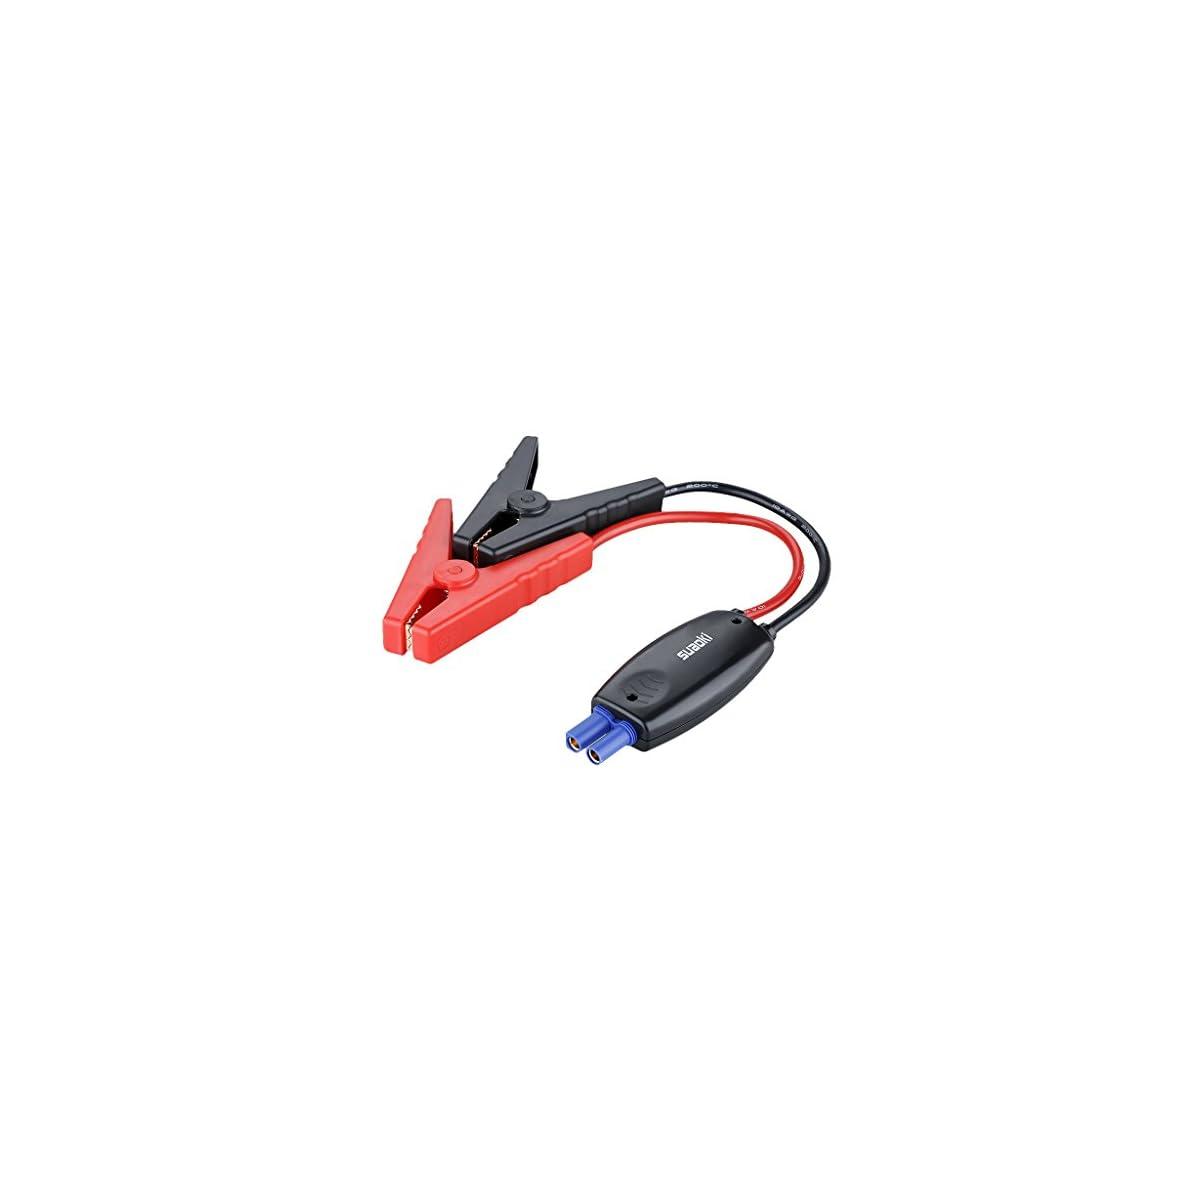 41ifUWEgGwL. SS1200  - Suaoki 700resistentes pinzas inteligentes para recarga de batería, cables de arranque con pinzas de cocodrilo y enchufe inteligente EC5 de 12V para coches vehículos